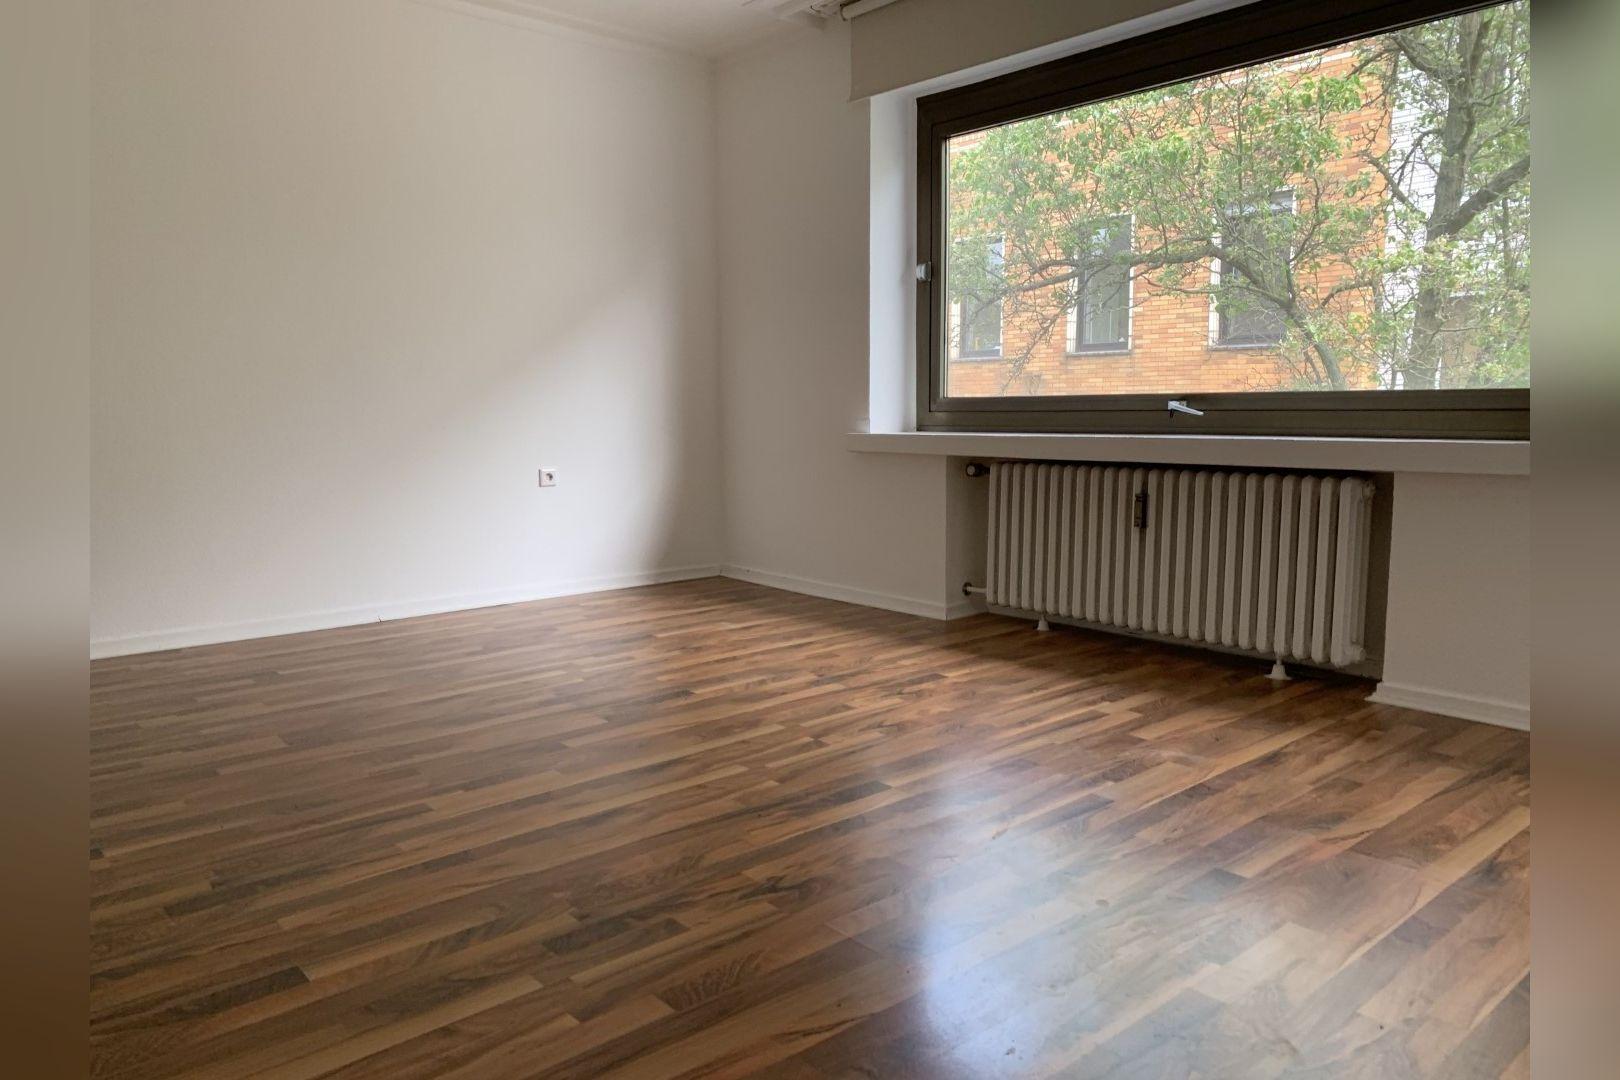 Immobilie Nr.0286 - 2,5 Zimmer Wohnung mit großem Balkon. - Bild 16.jpg